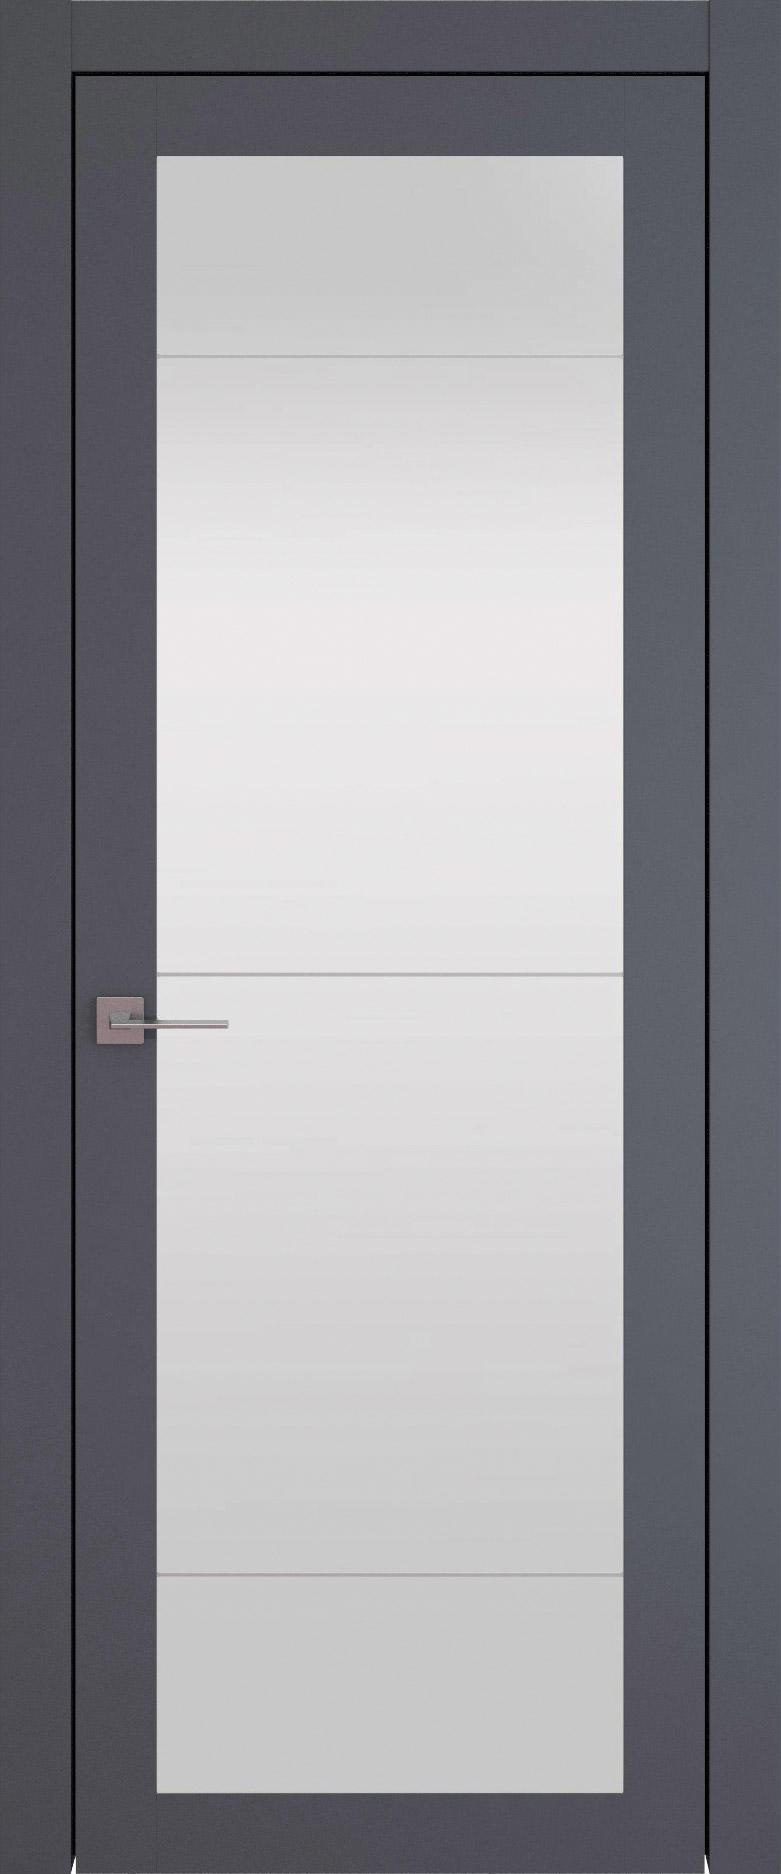 Tivoli З-3 цвет - Графитово-серая эмаль (RAL 7024) Со стеклом (ДО)